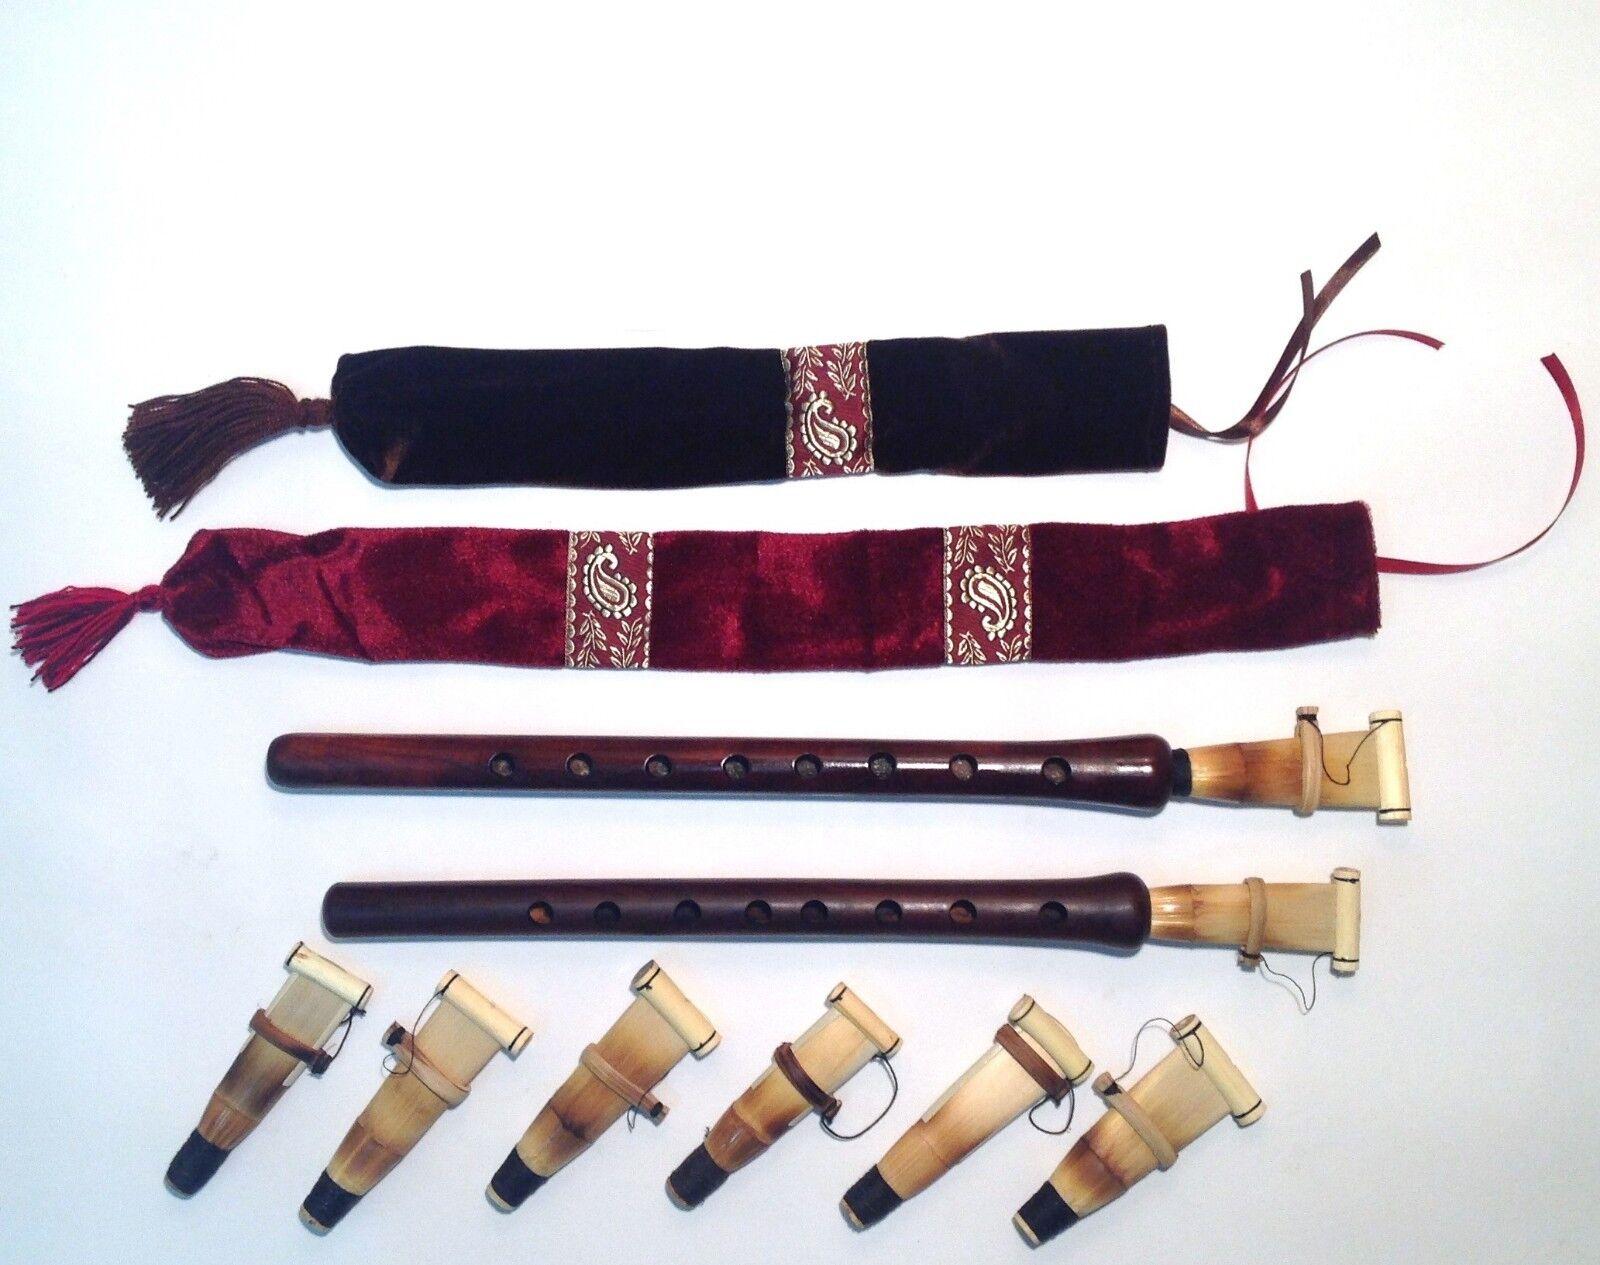 2 Profi Arménien DOUDOUK Duduk 8 reeds Flûte Case 2 CD fabriqué en Arménie Neuf